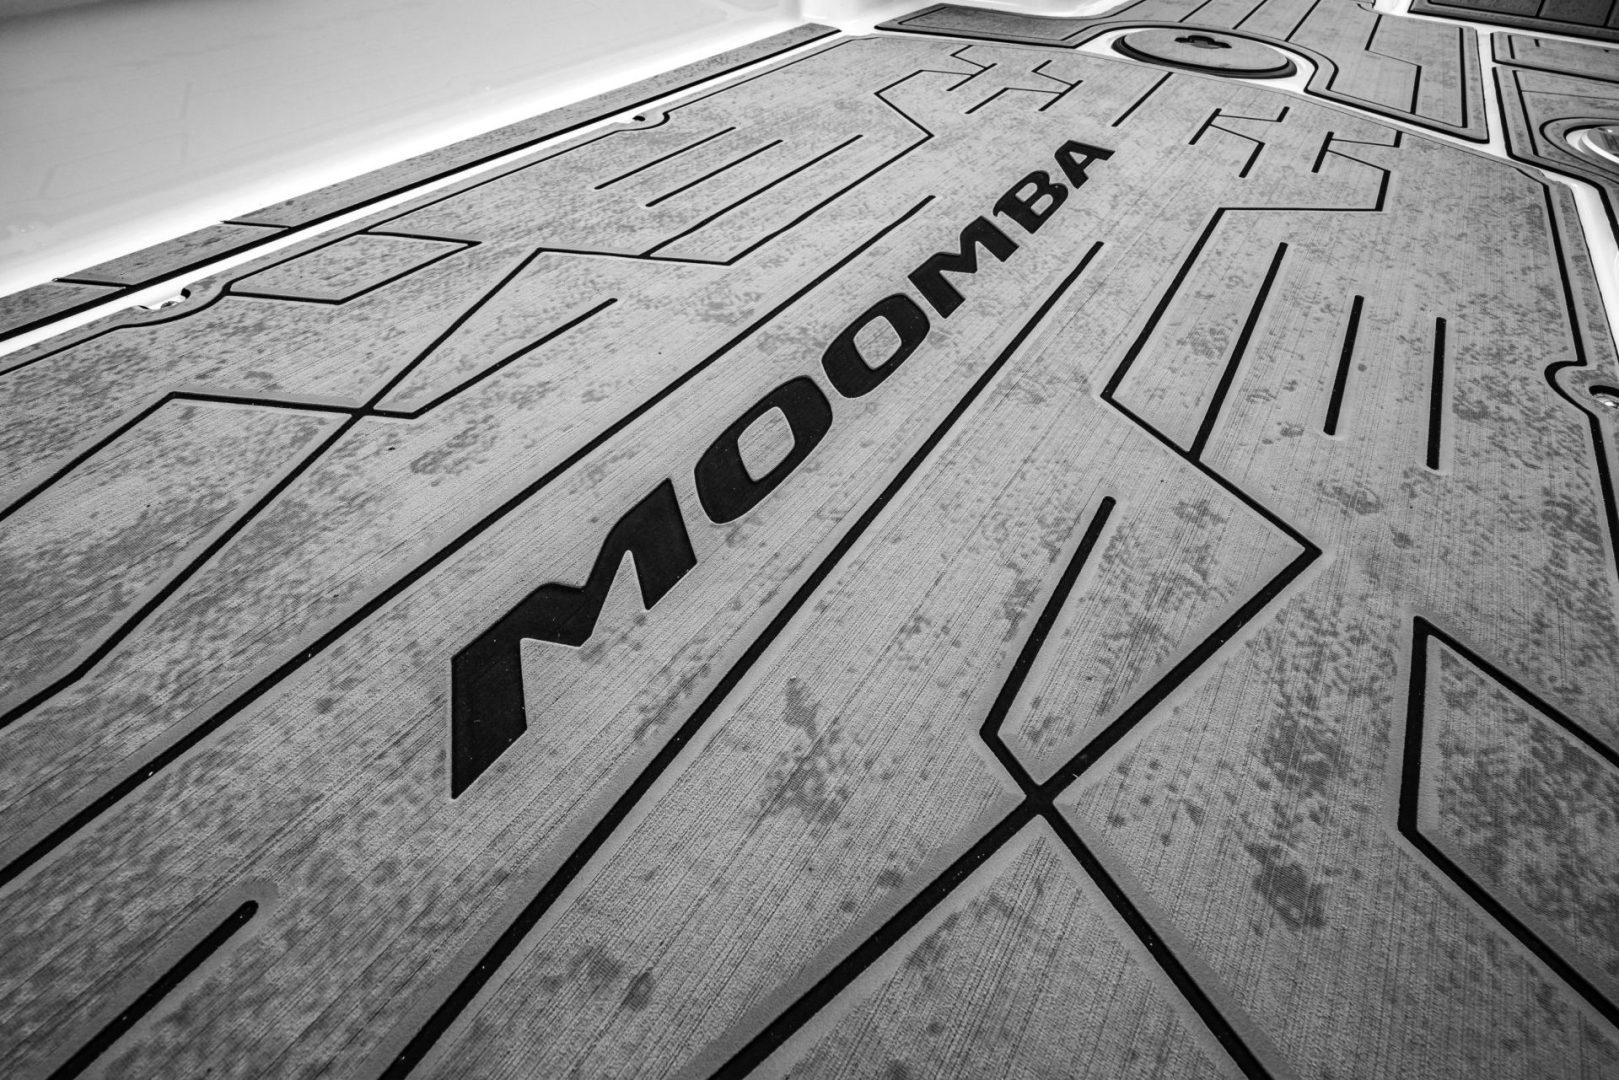 Concrete Non-Skid Flooring